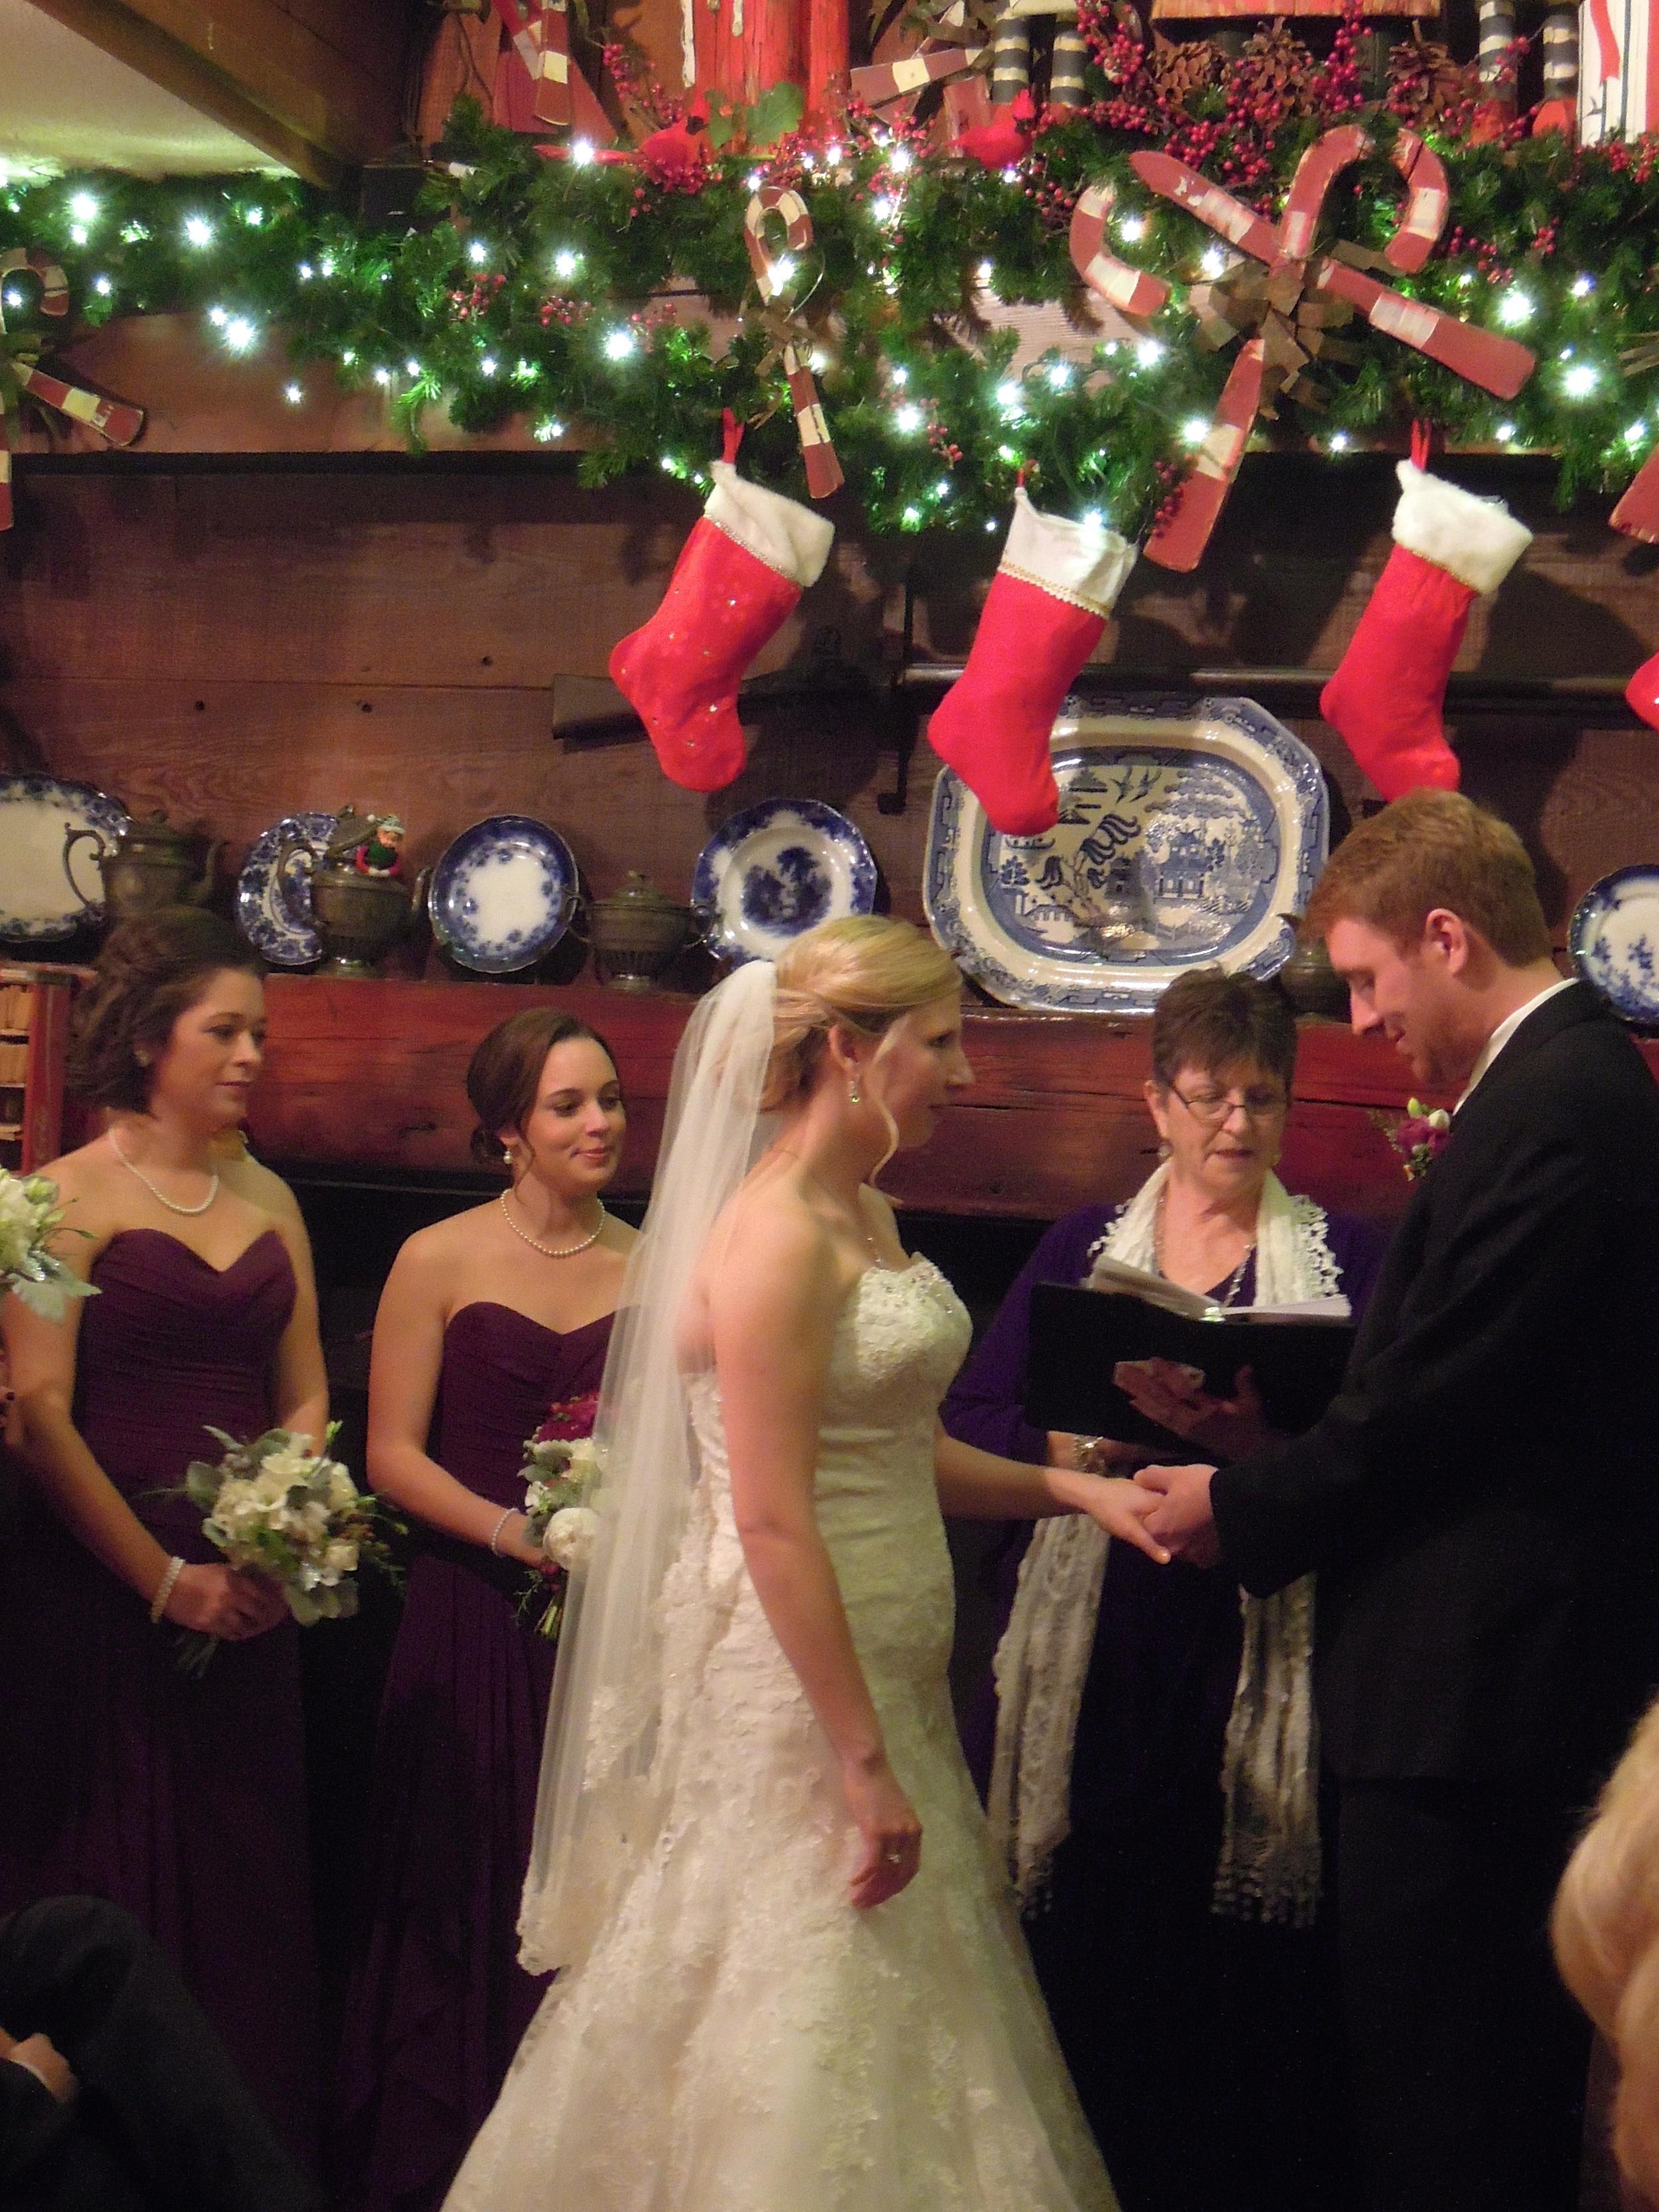 Christmas Wedding inside Angus Barn Restaurant, Raleigh NC